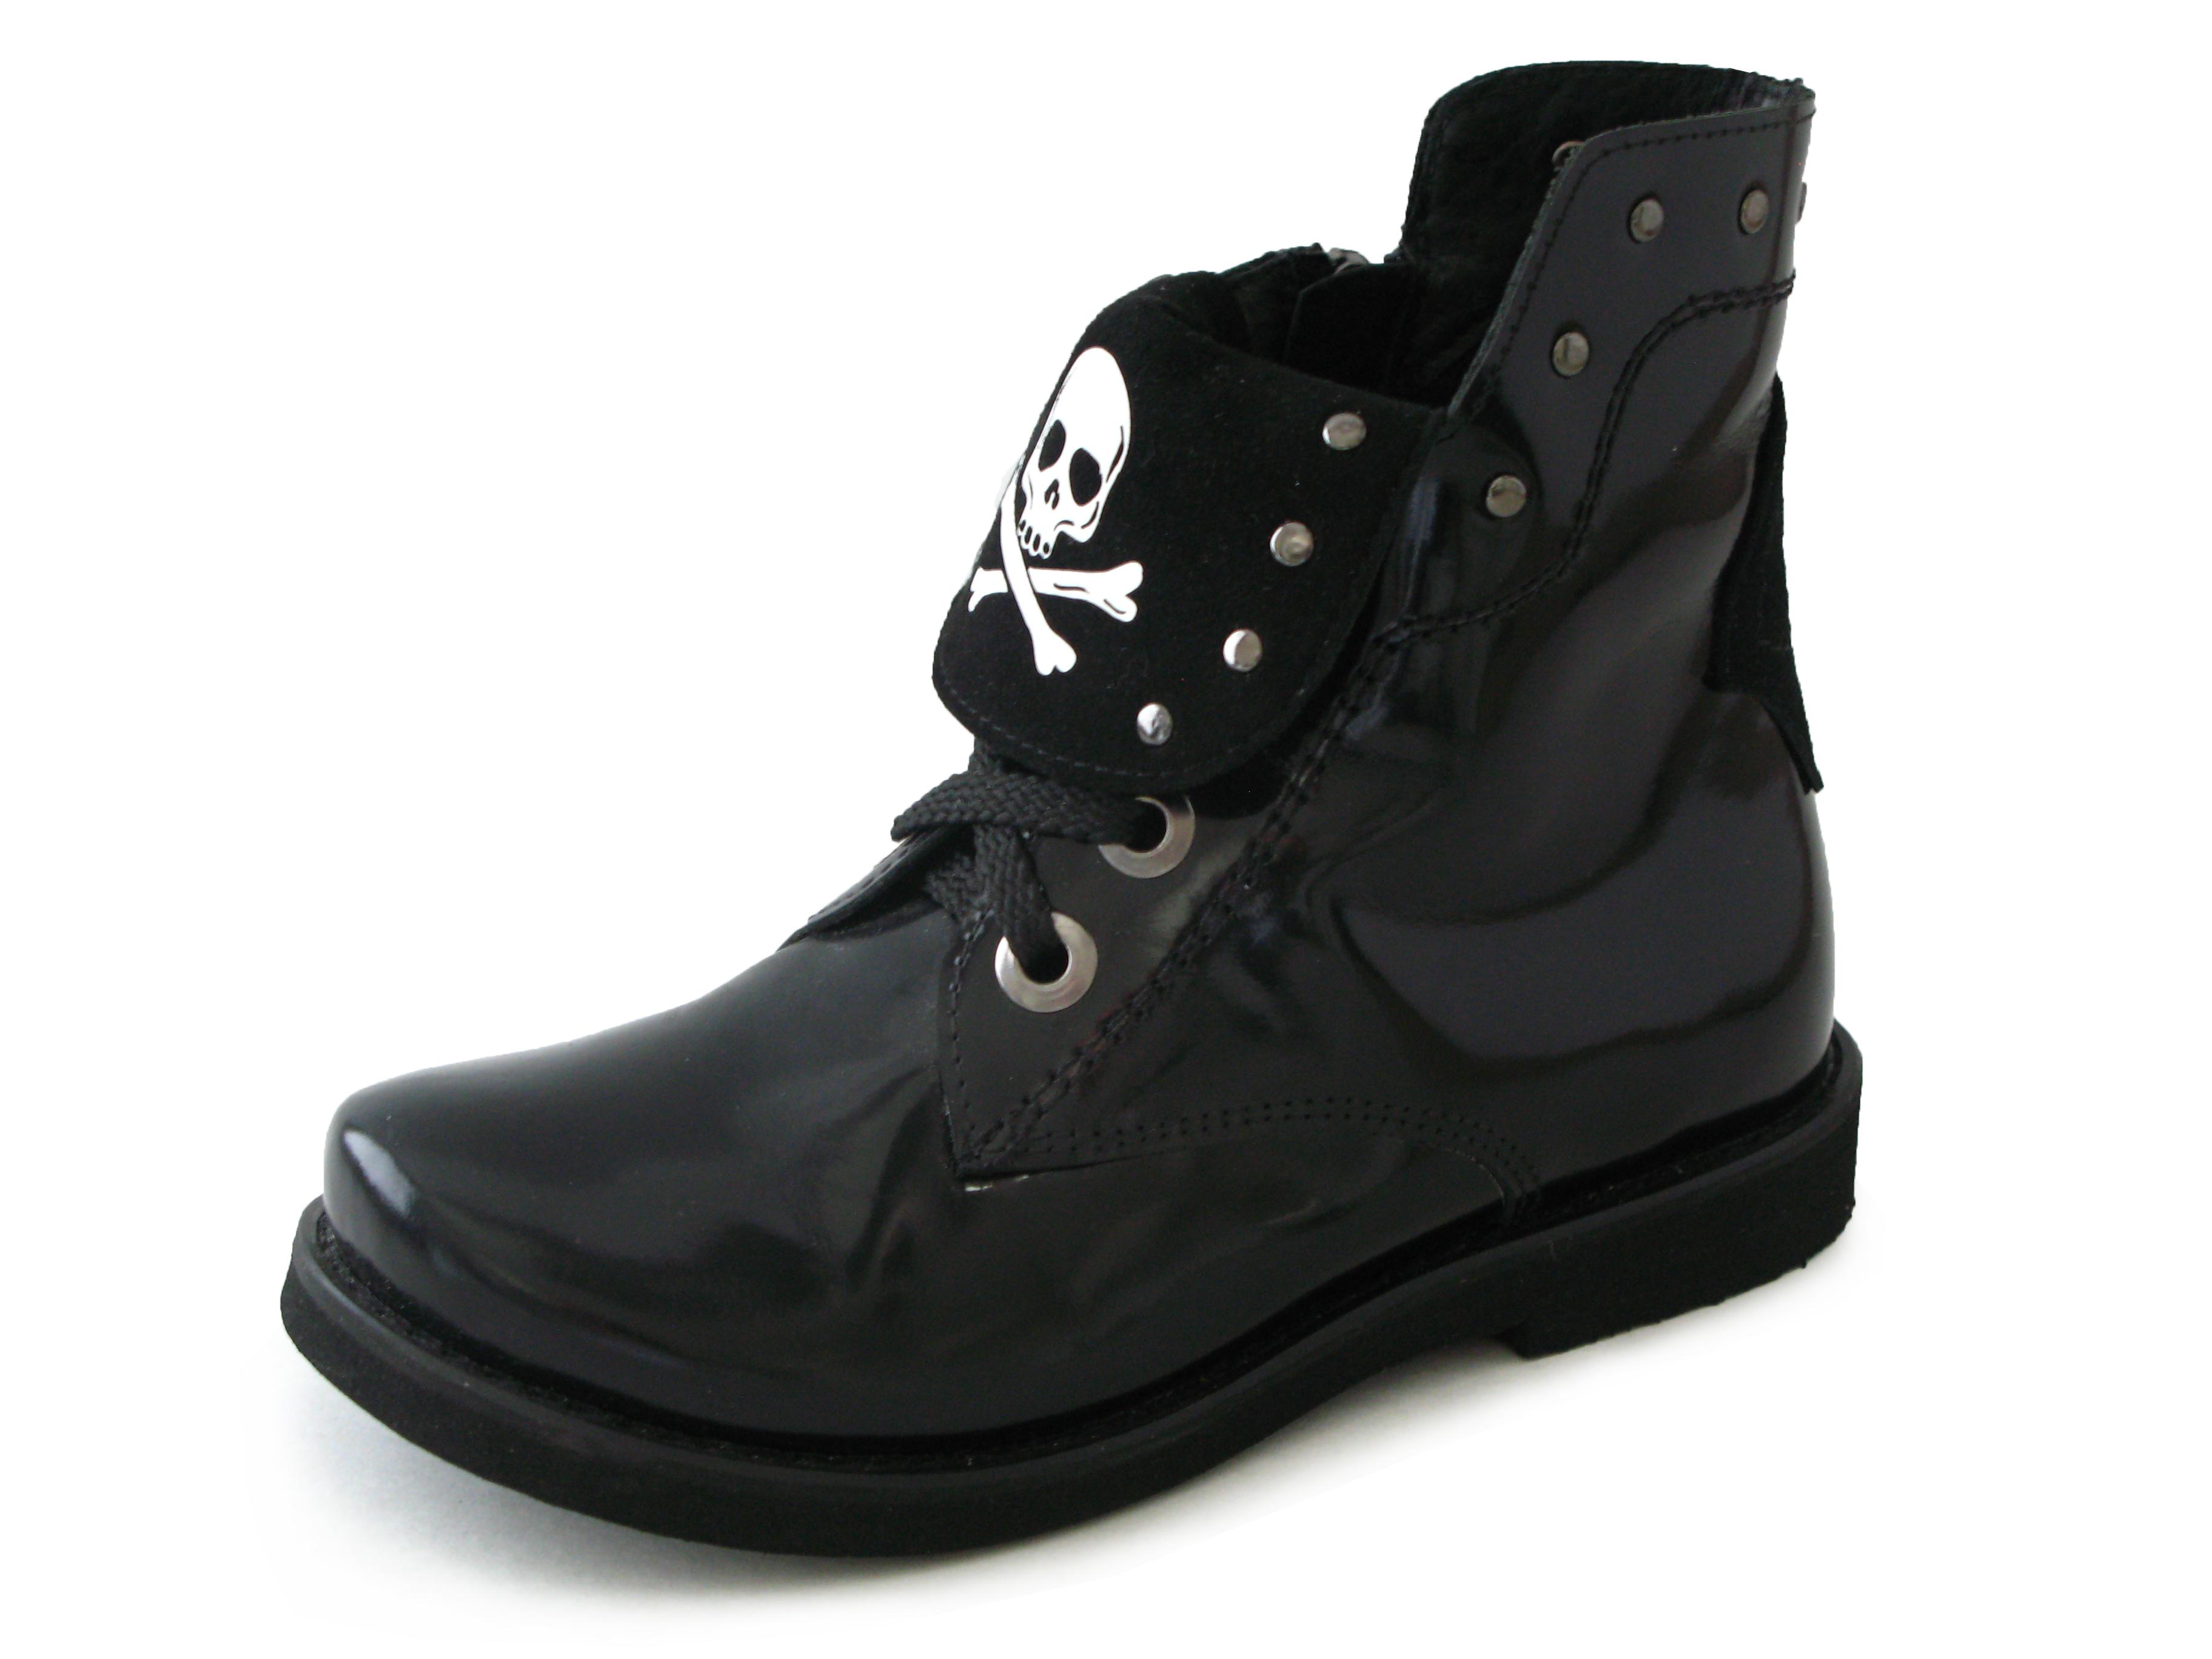 Брендове взуття за доступною ціною